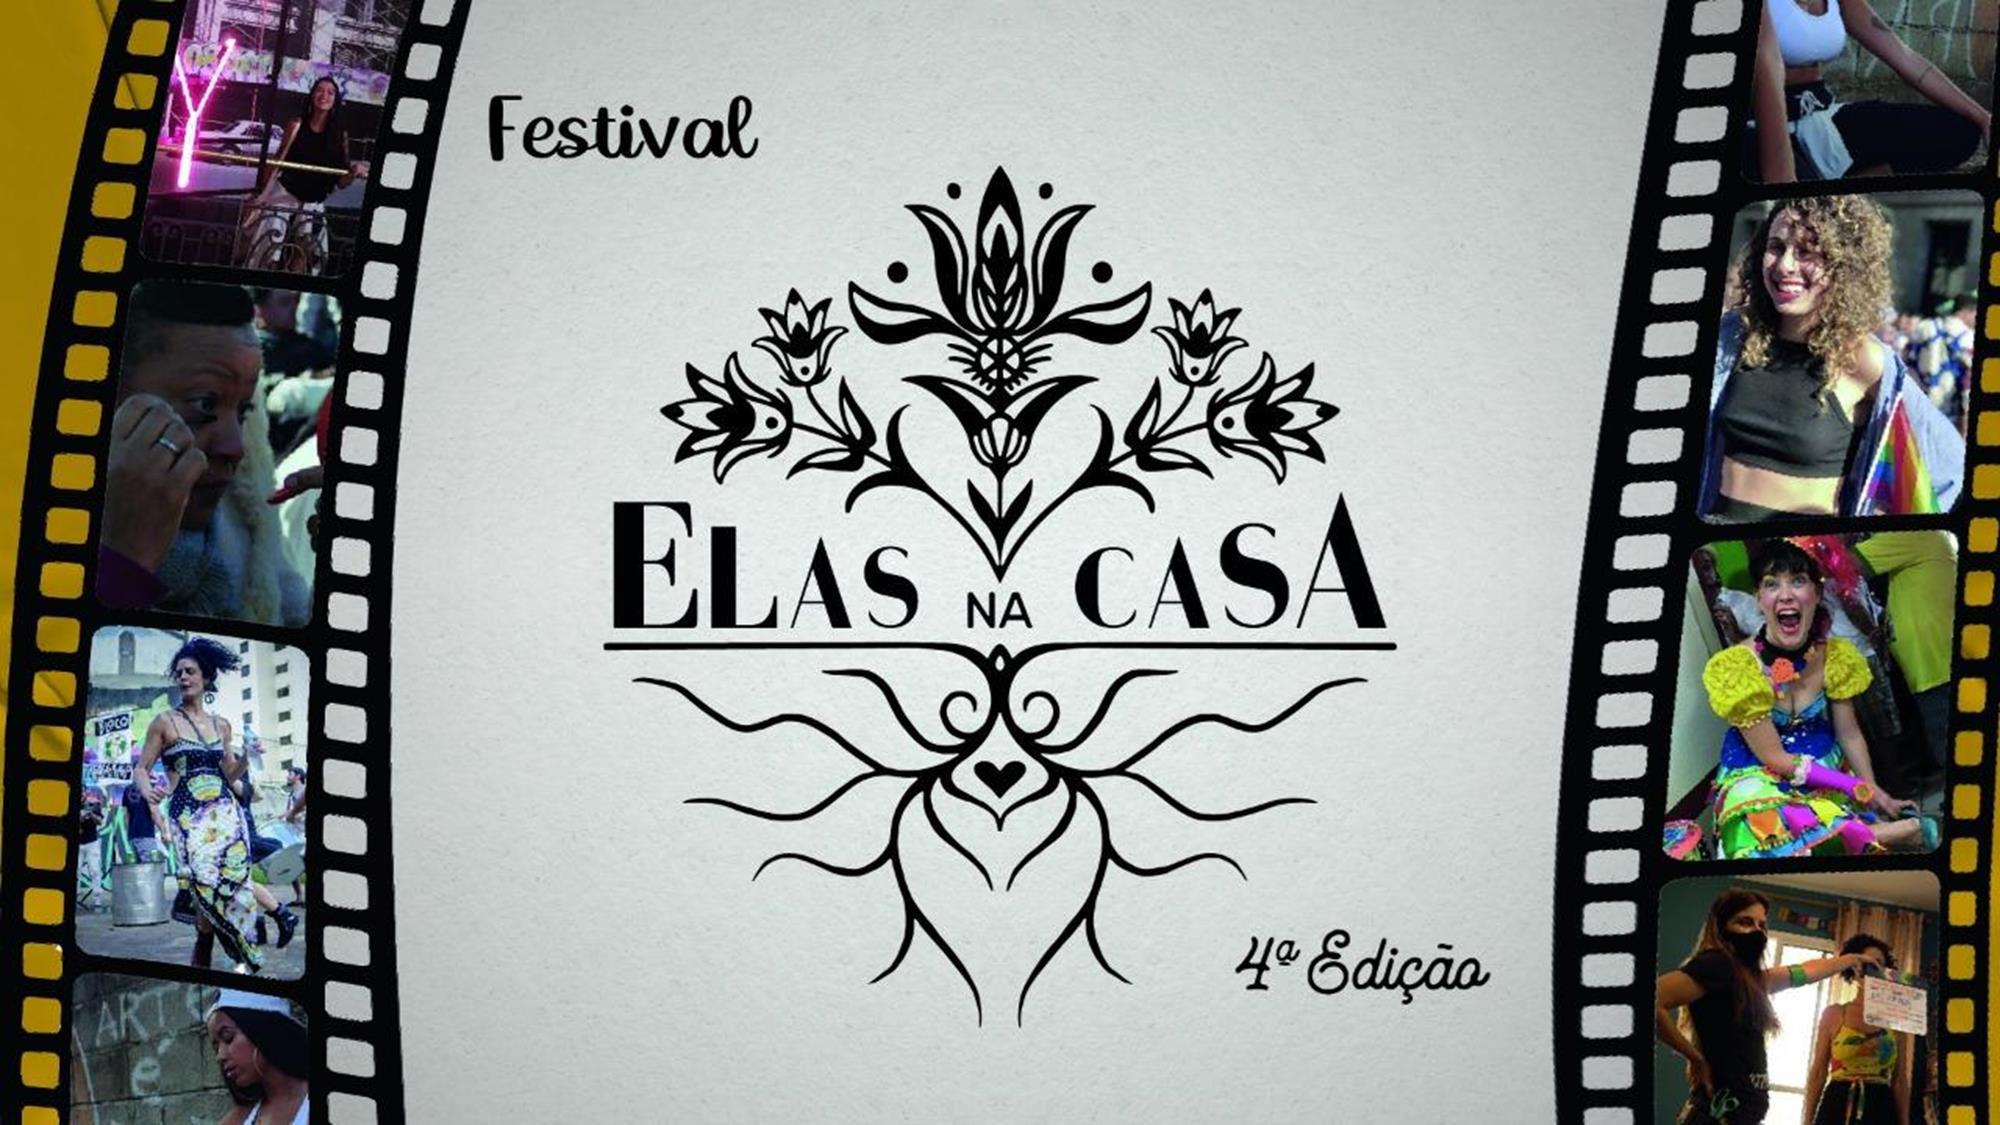 2021, imprensa, Divulgação - Festival Elas na Casa